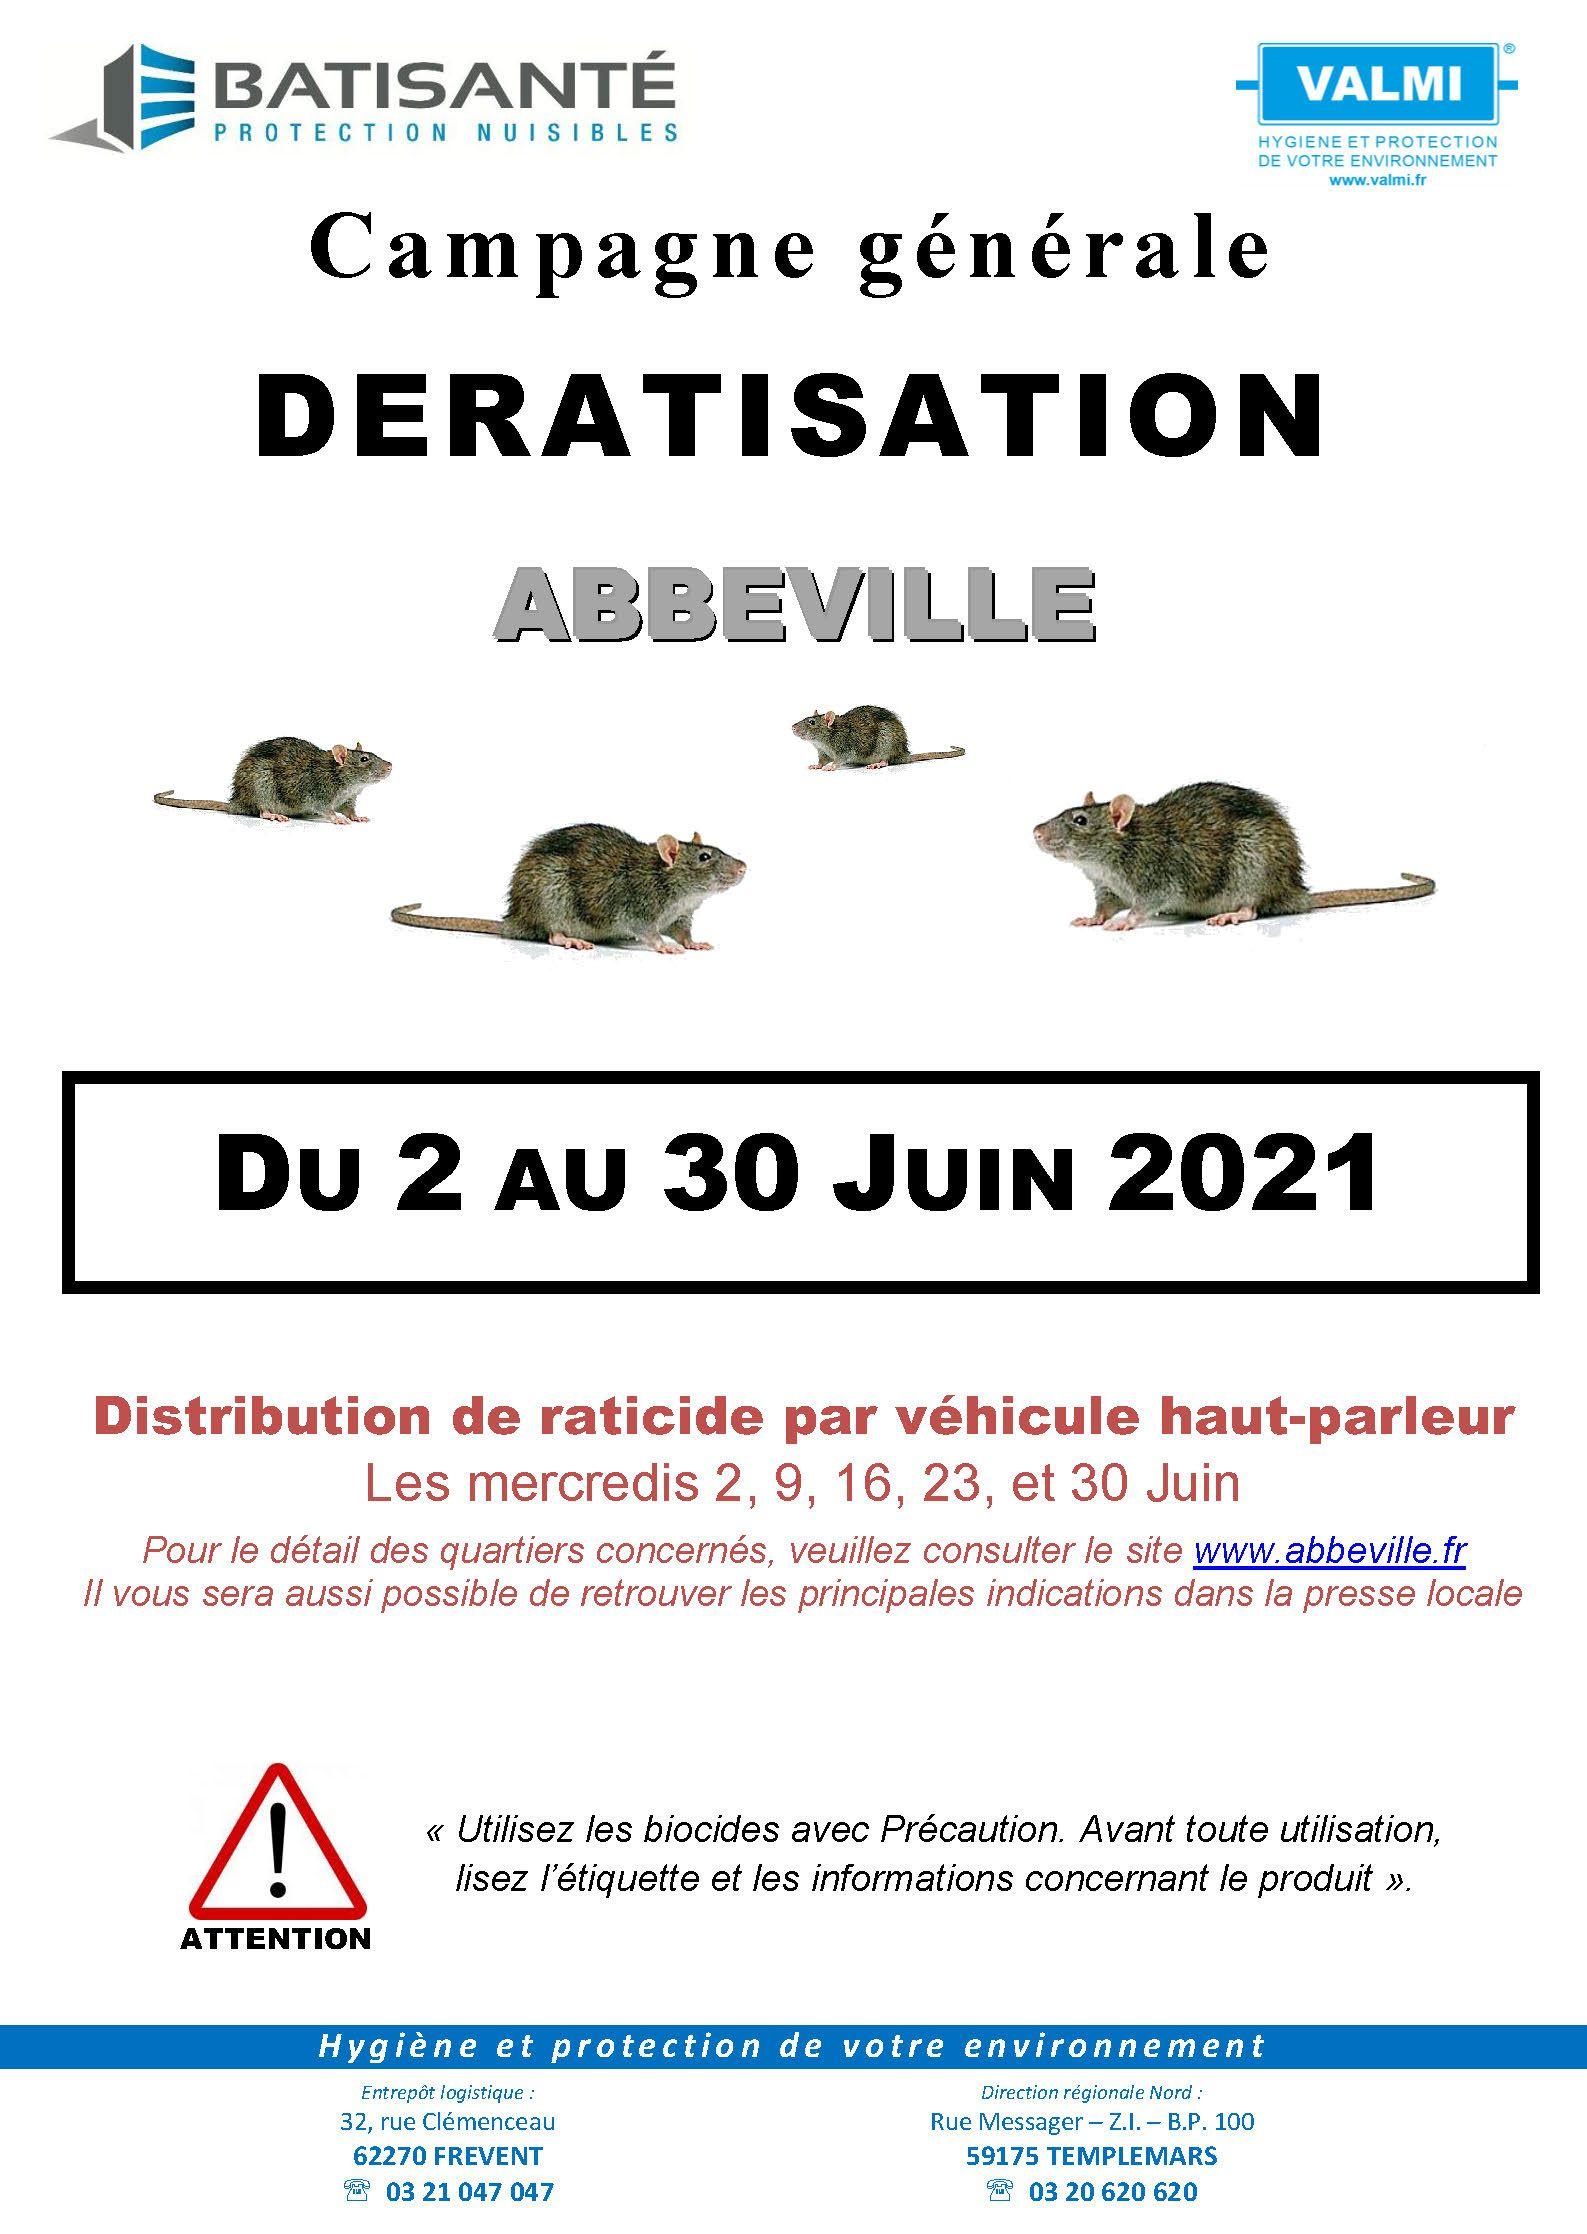 Distribution de raticide gratuite - Abbeville (80)